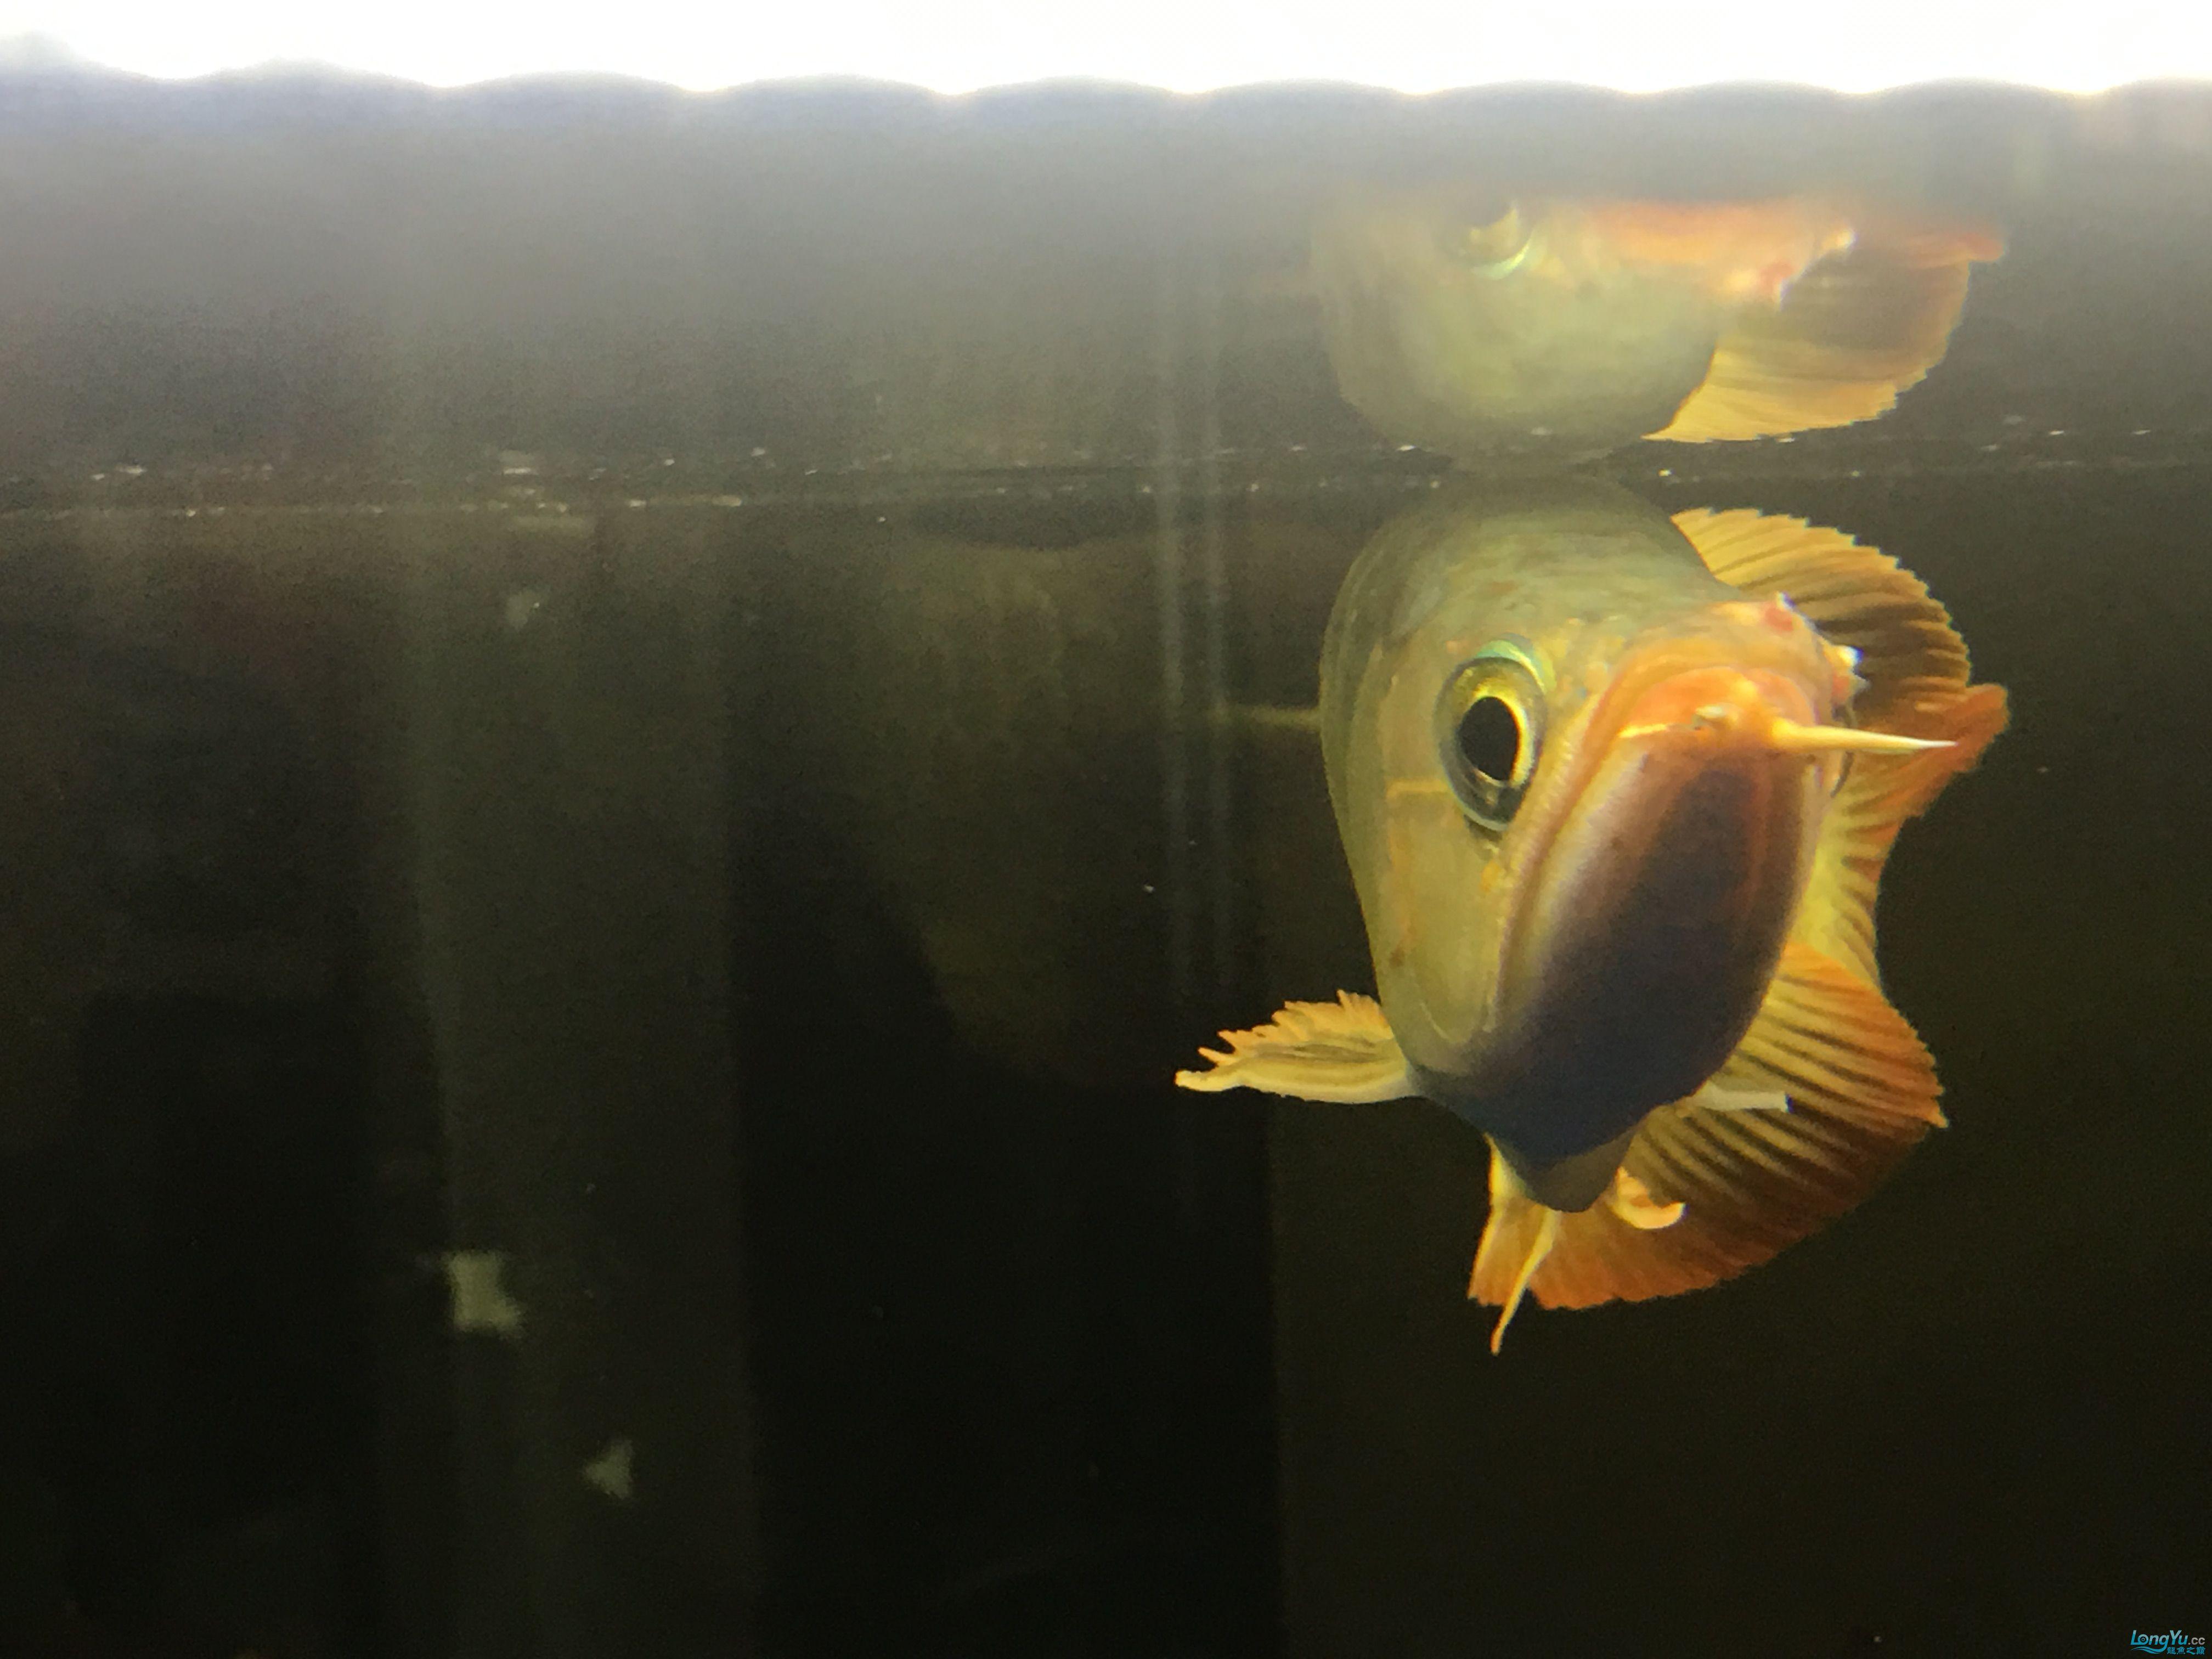 成都热带鱼水族箱市场红龙呼吸困难 成都水族批发市场 成都龙鱼第3张